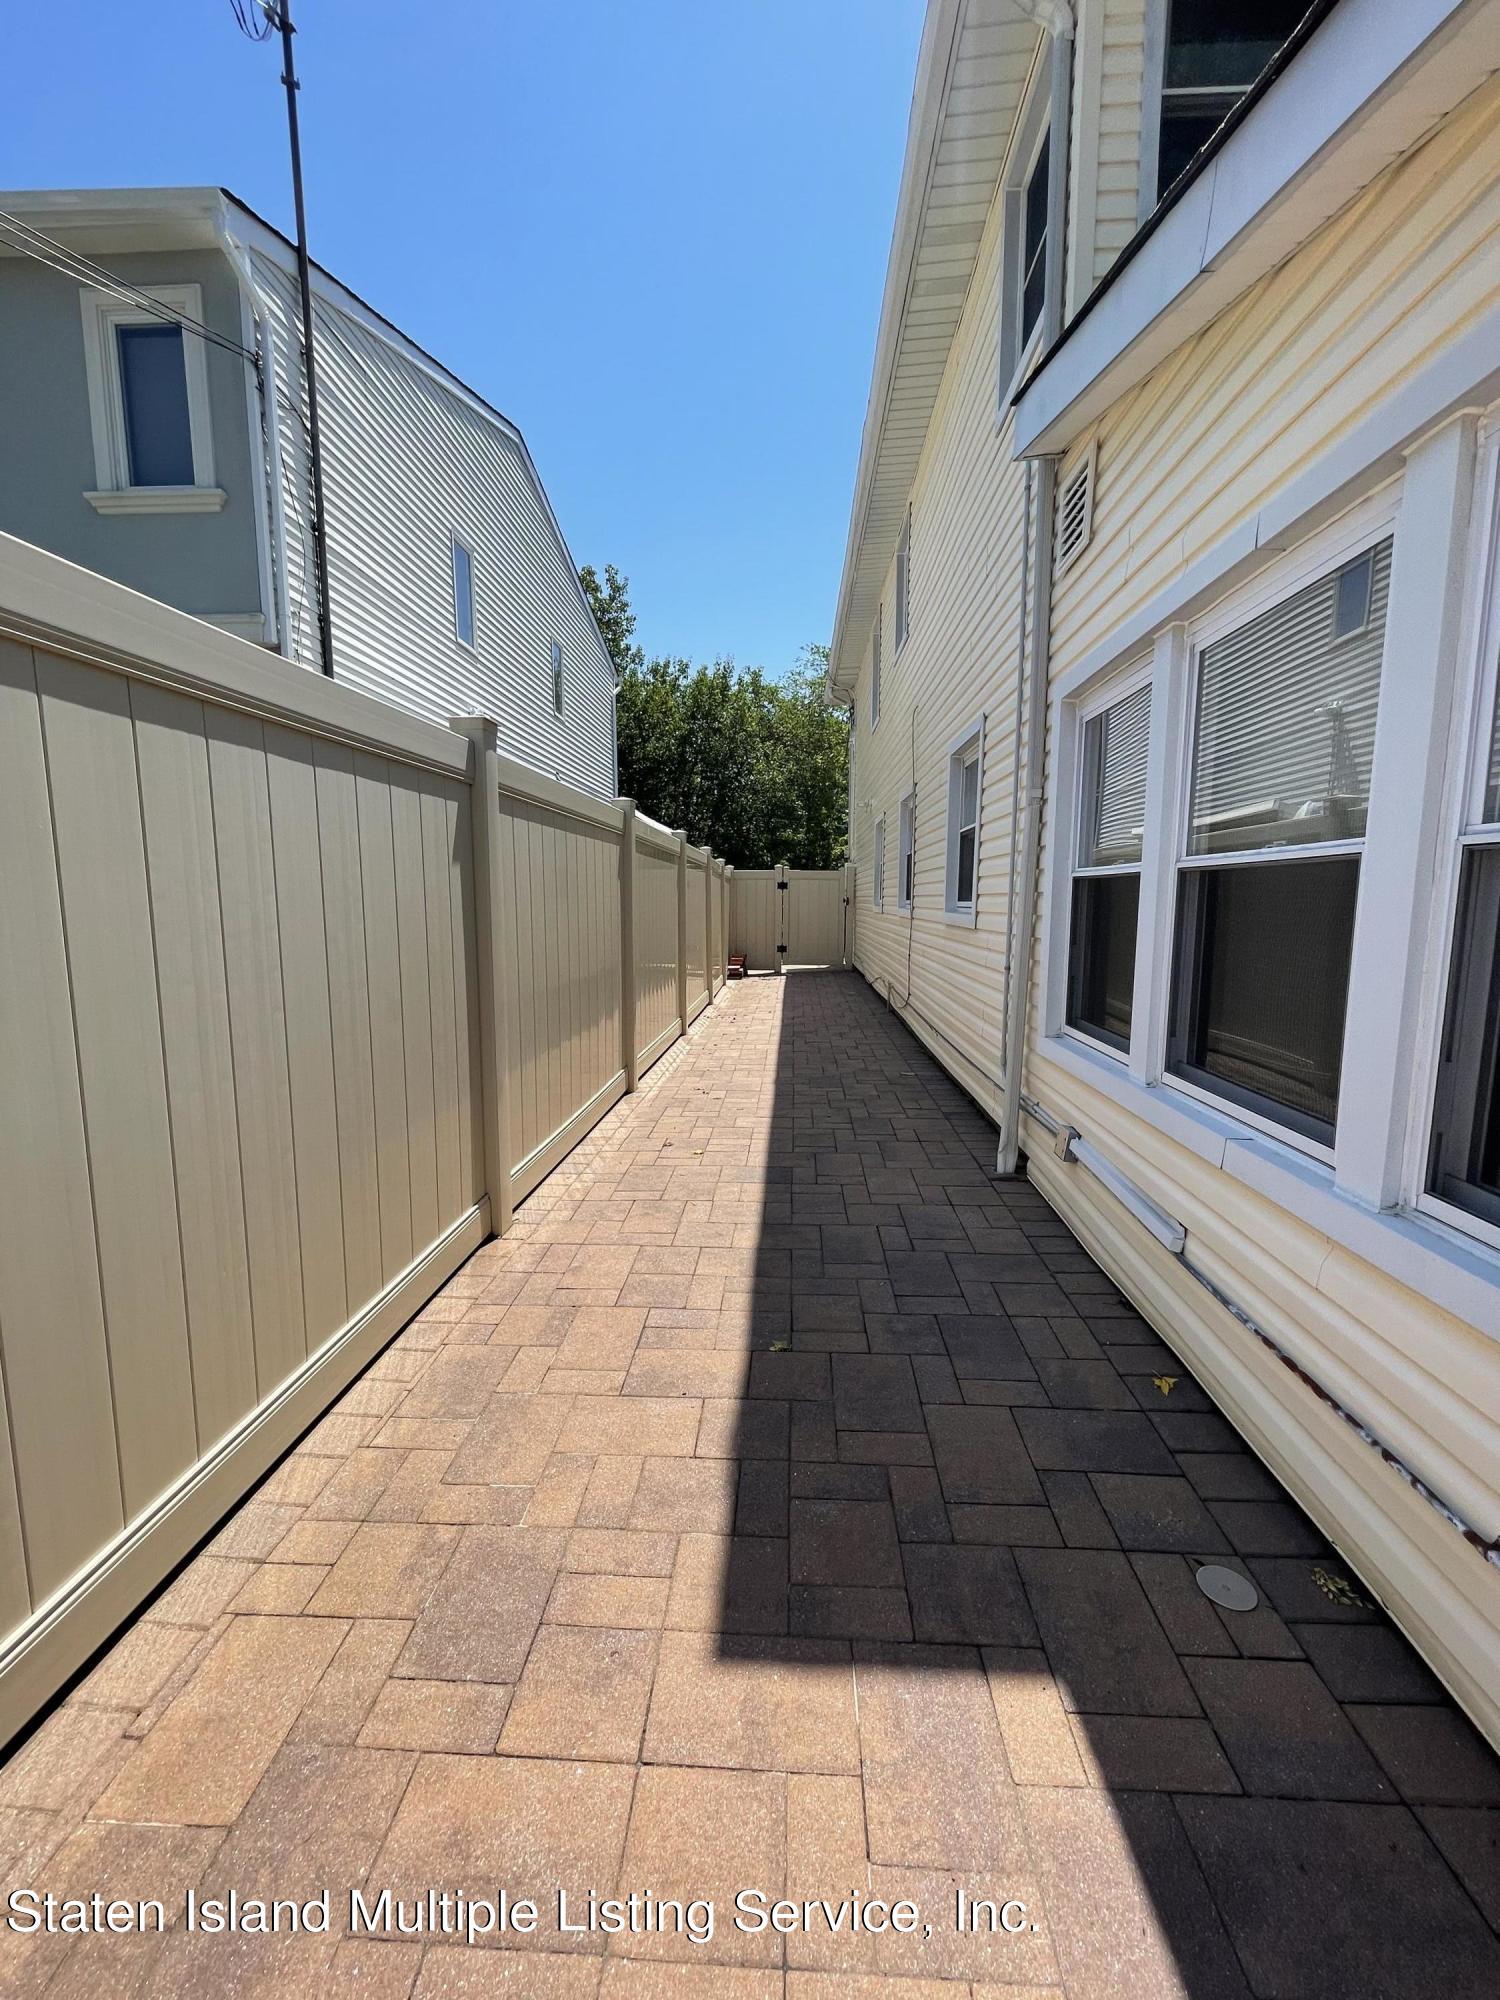 Single Family - Detached 21 Hawley Avenue  Staten Island, NY 10312, MLS-1146738-42